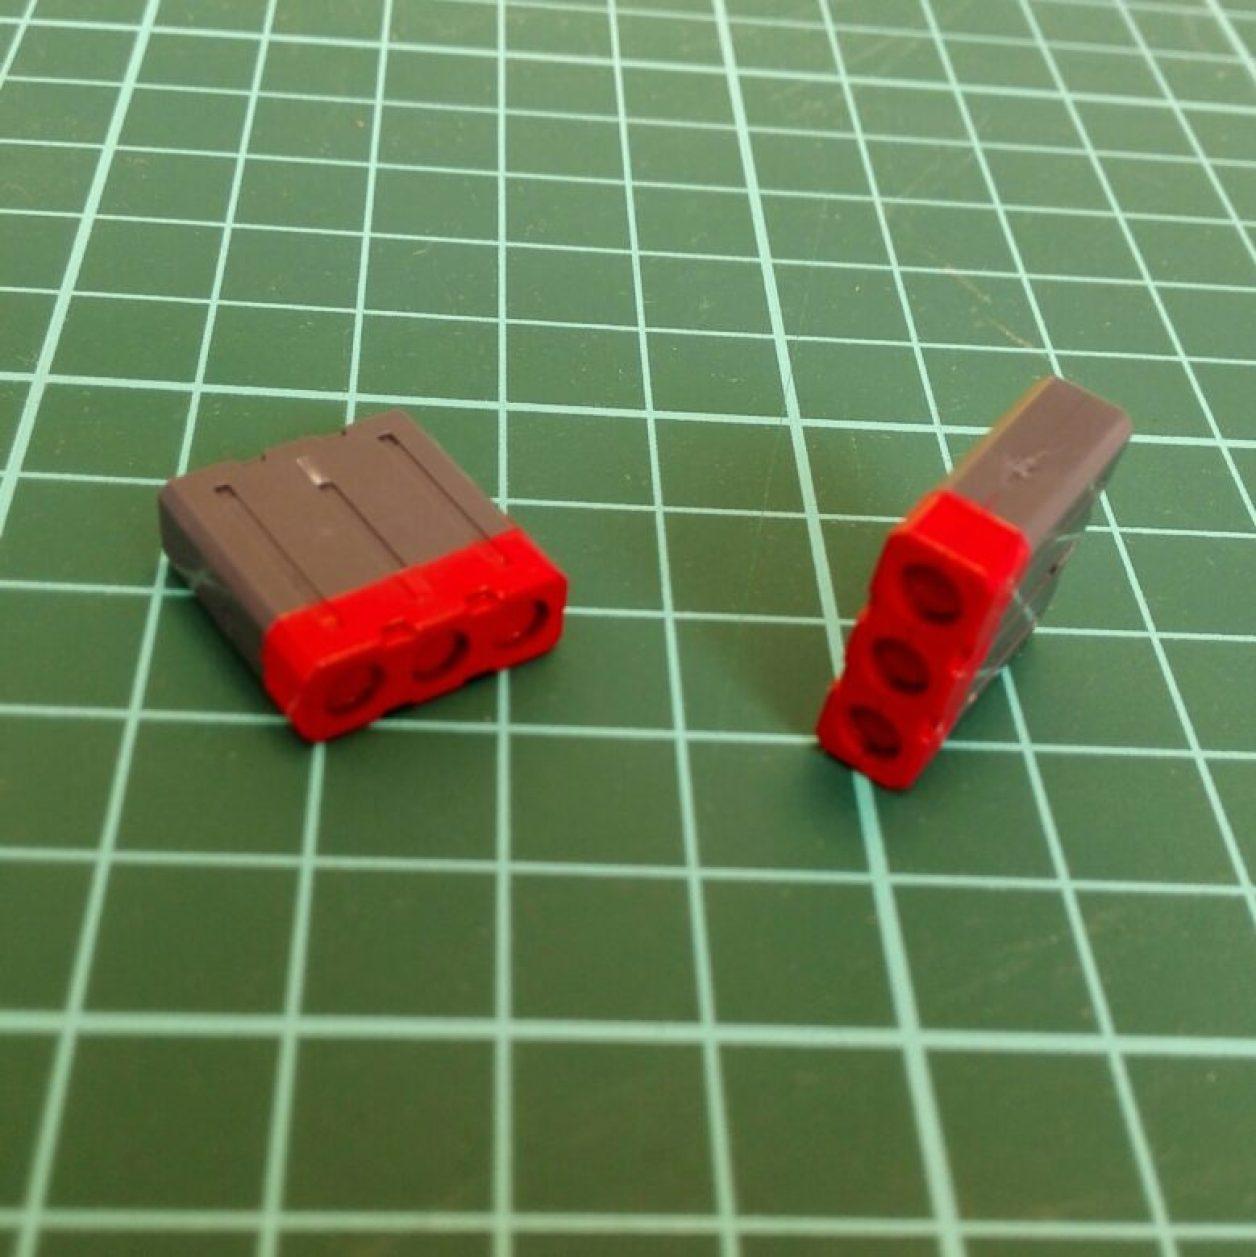 自作したミサイルポッドに赤を塗装してマスキングを剥がしたところの画像